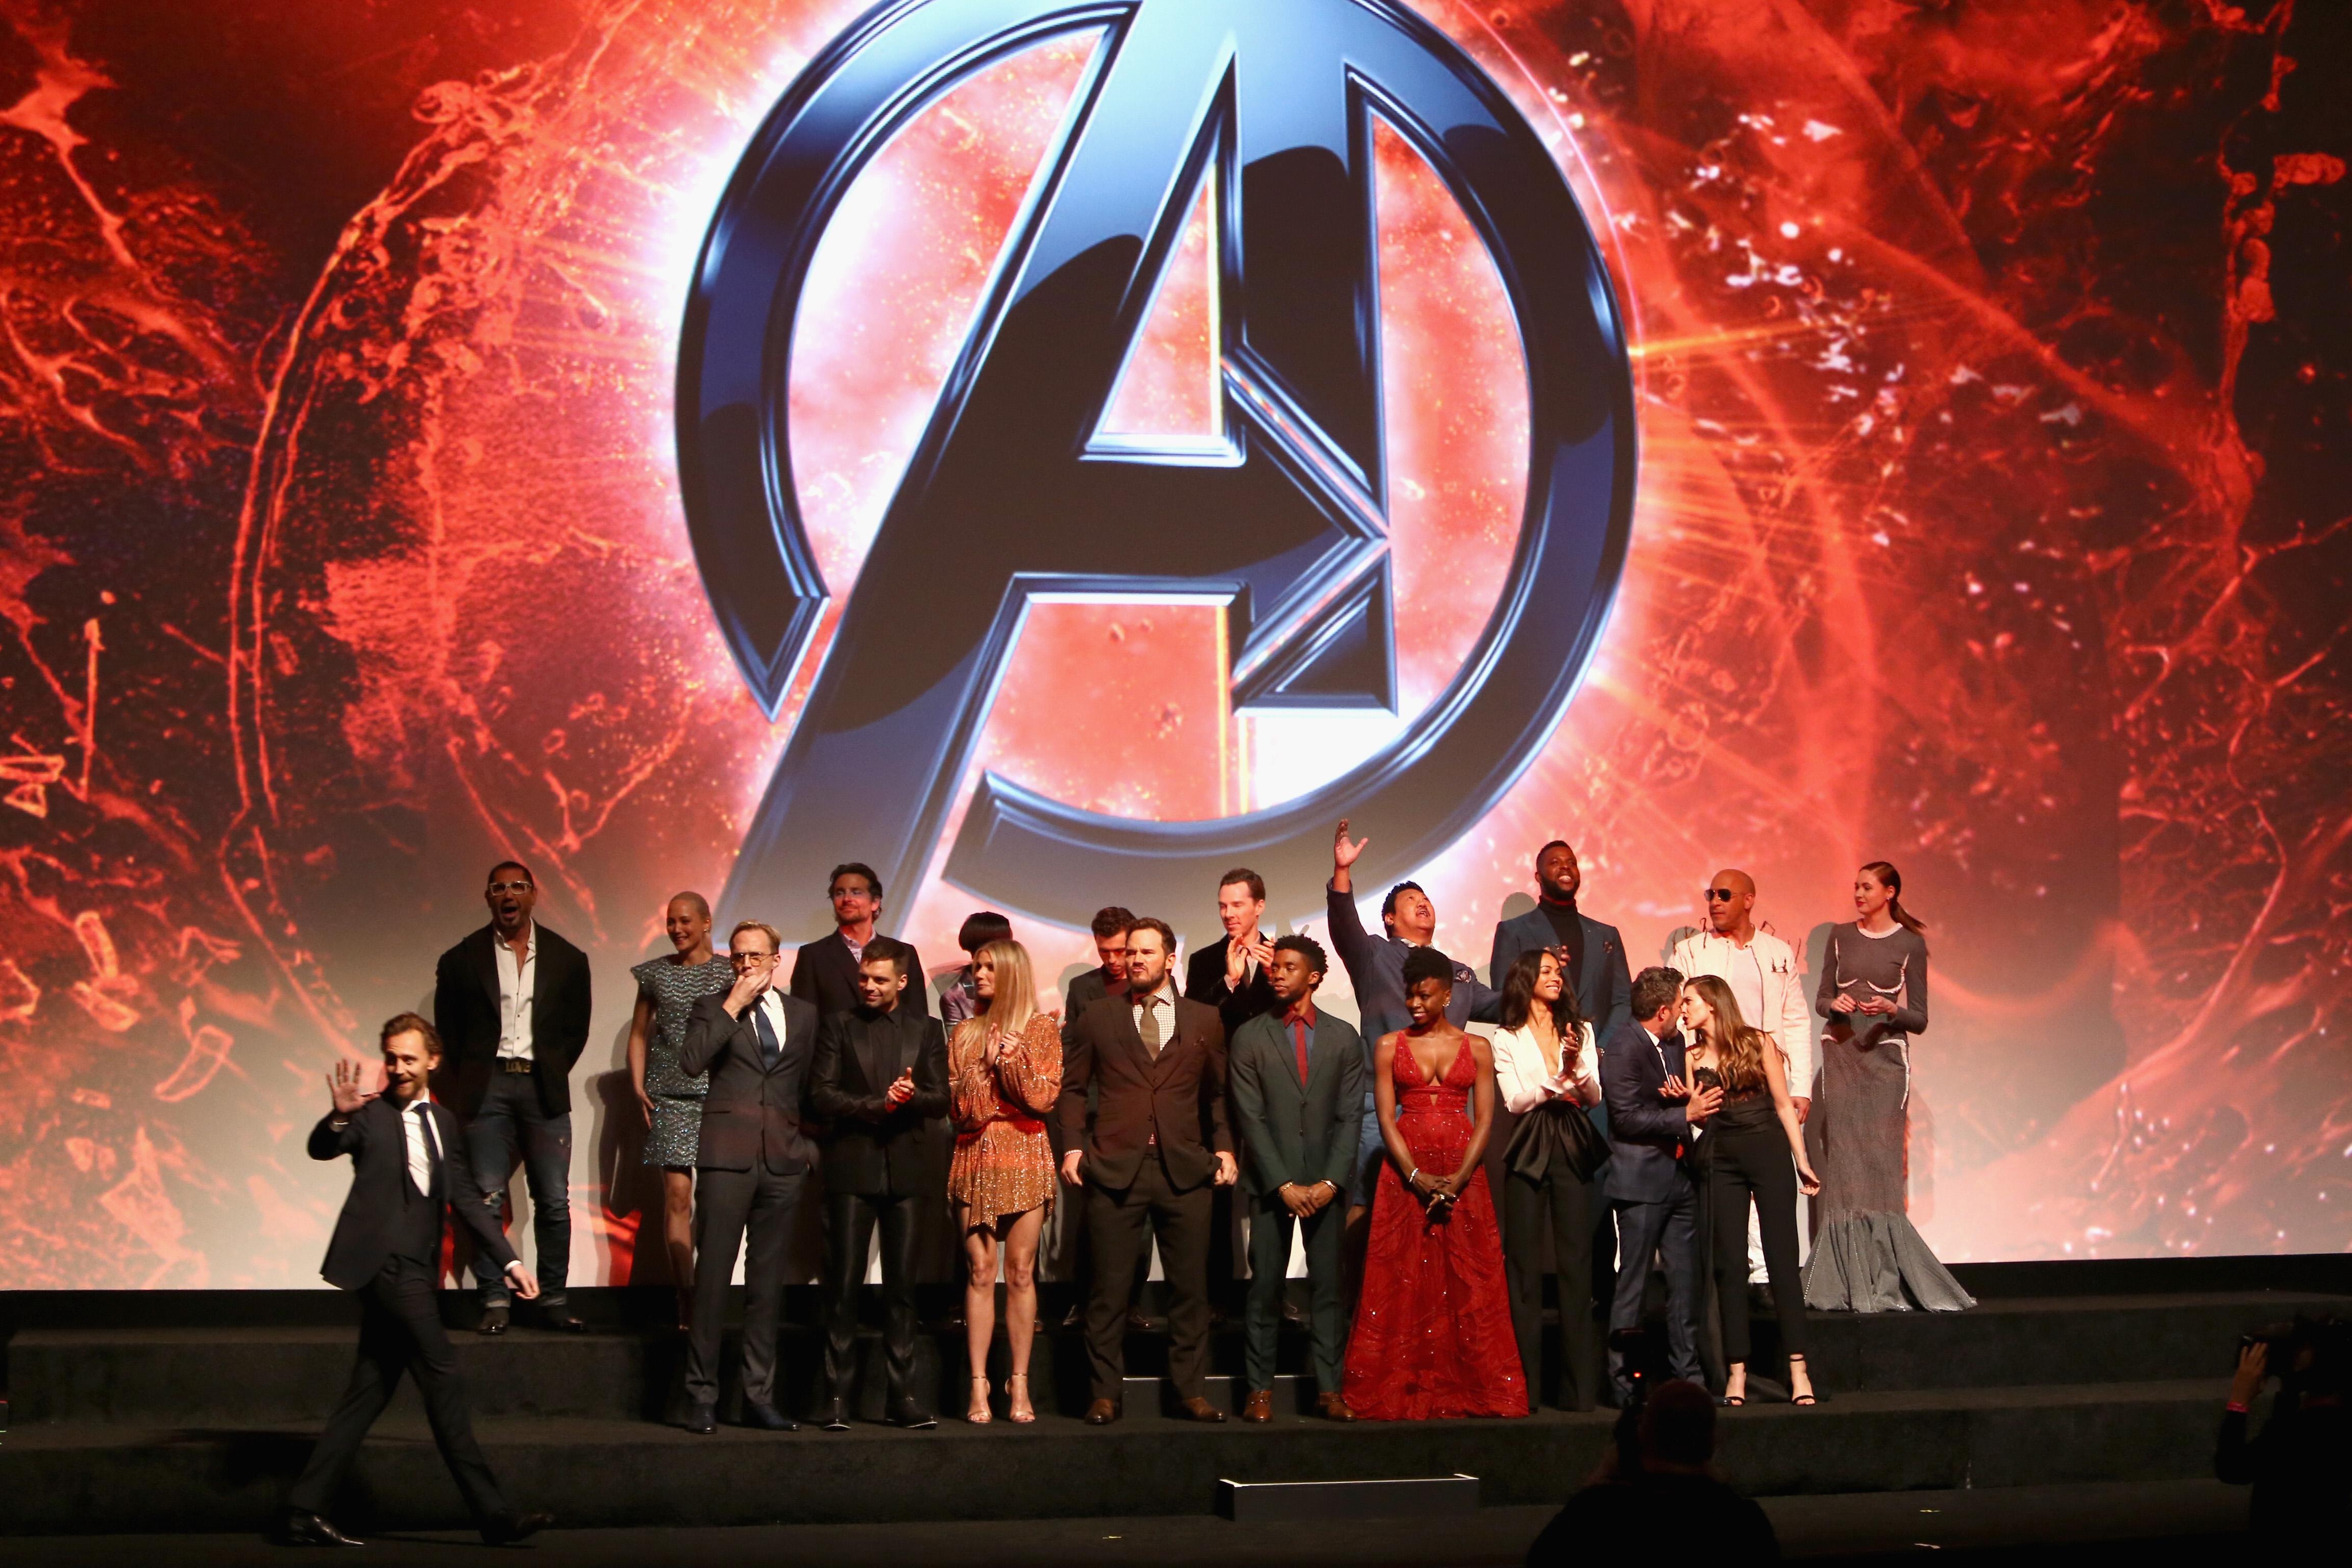 Most már életünk végéig szuperhősös filmeket fogunk nézni a moziban